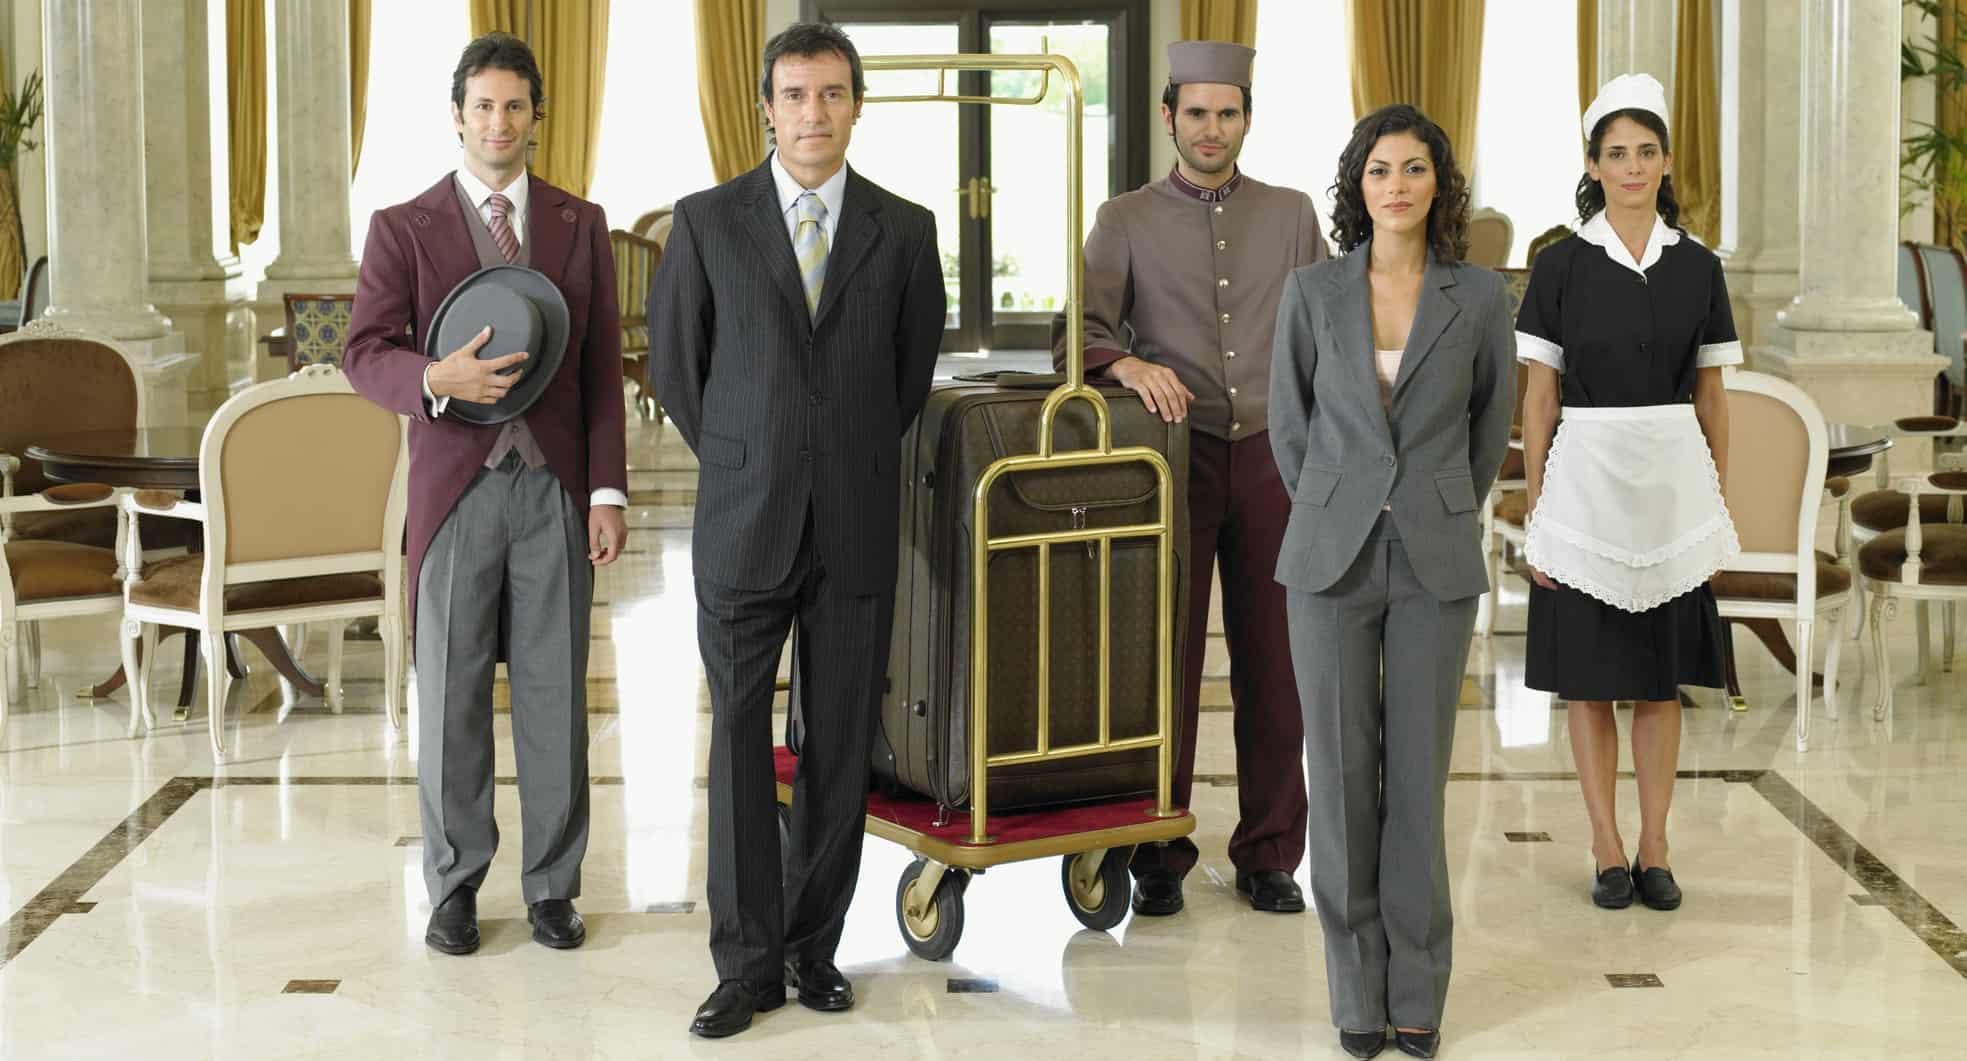 hotel-staff-in-lobby